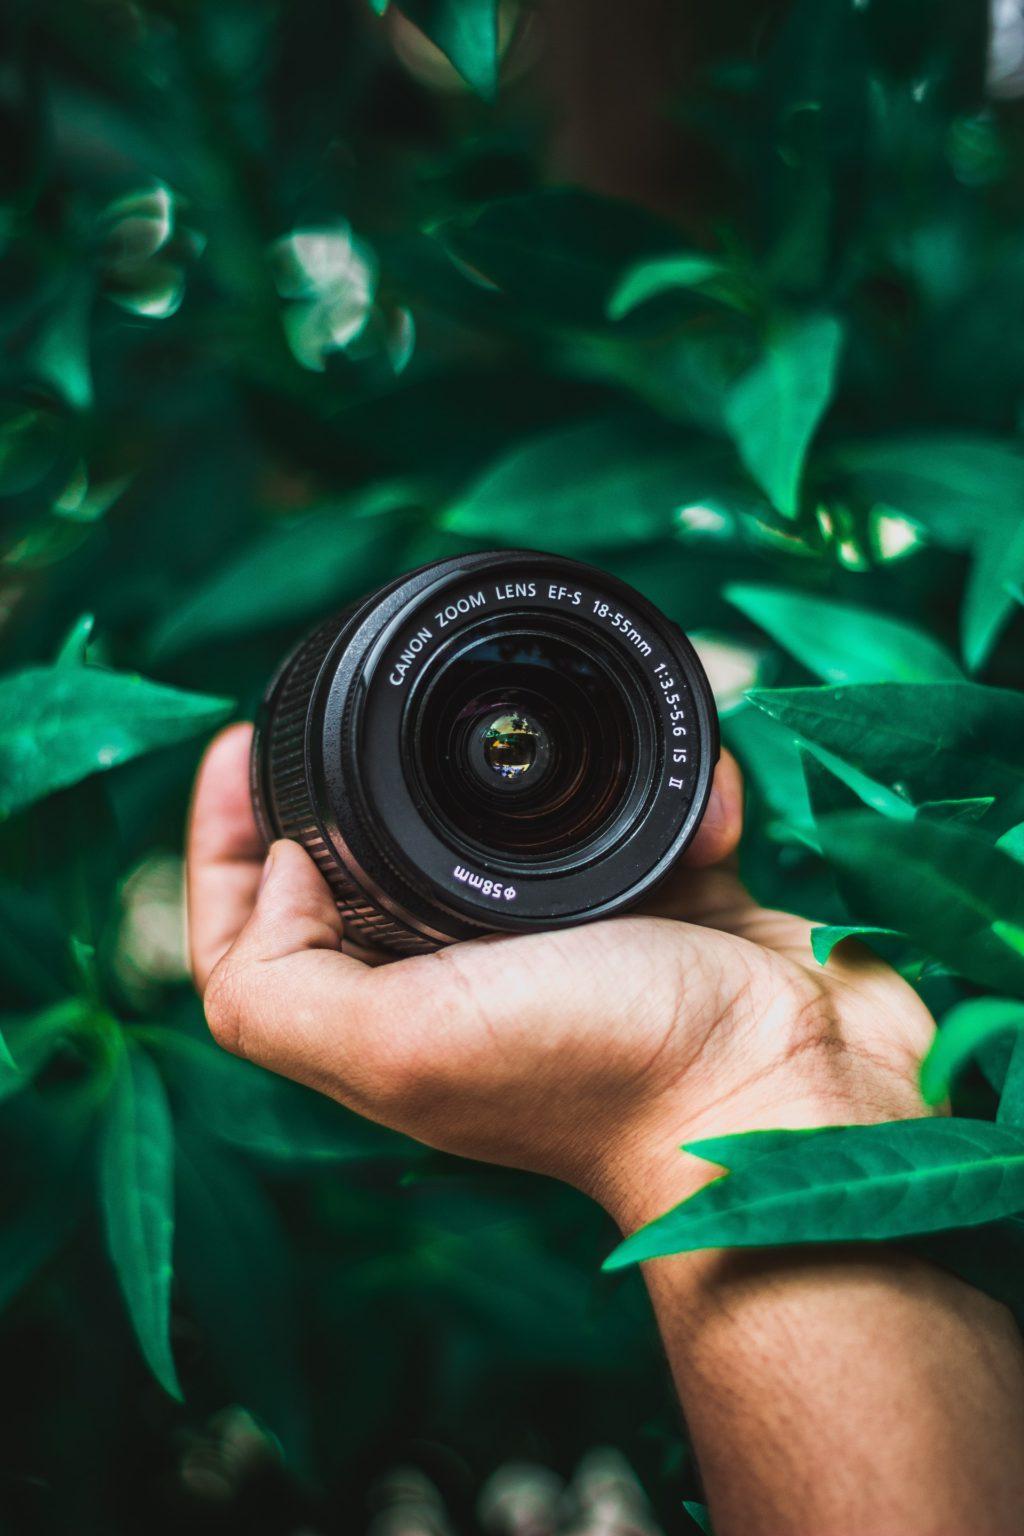 mm kit lens